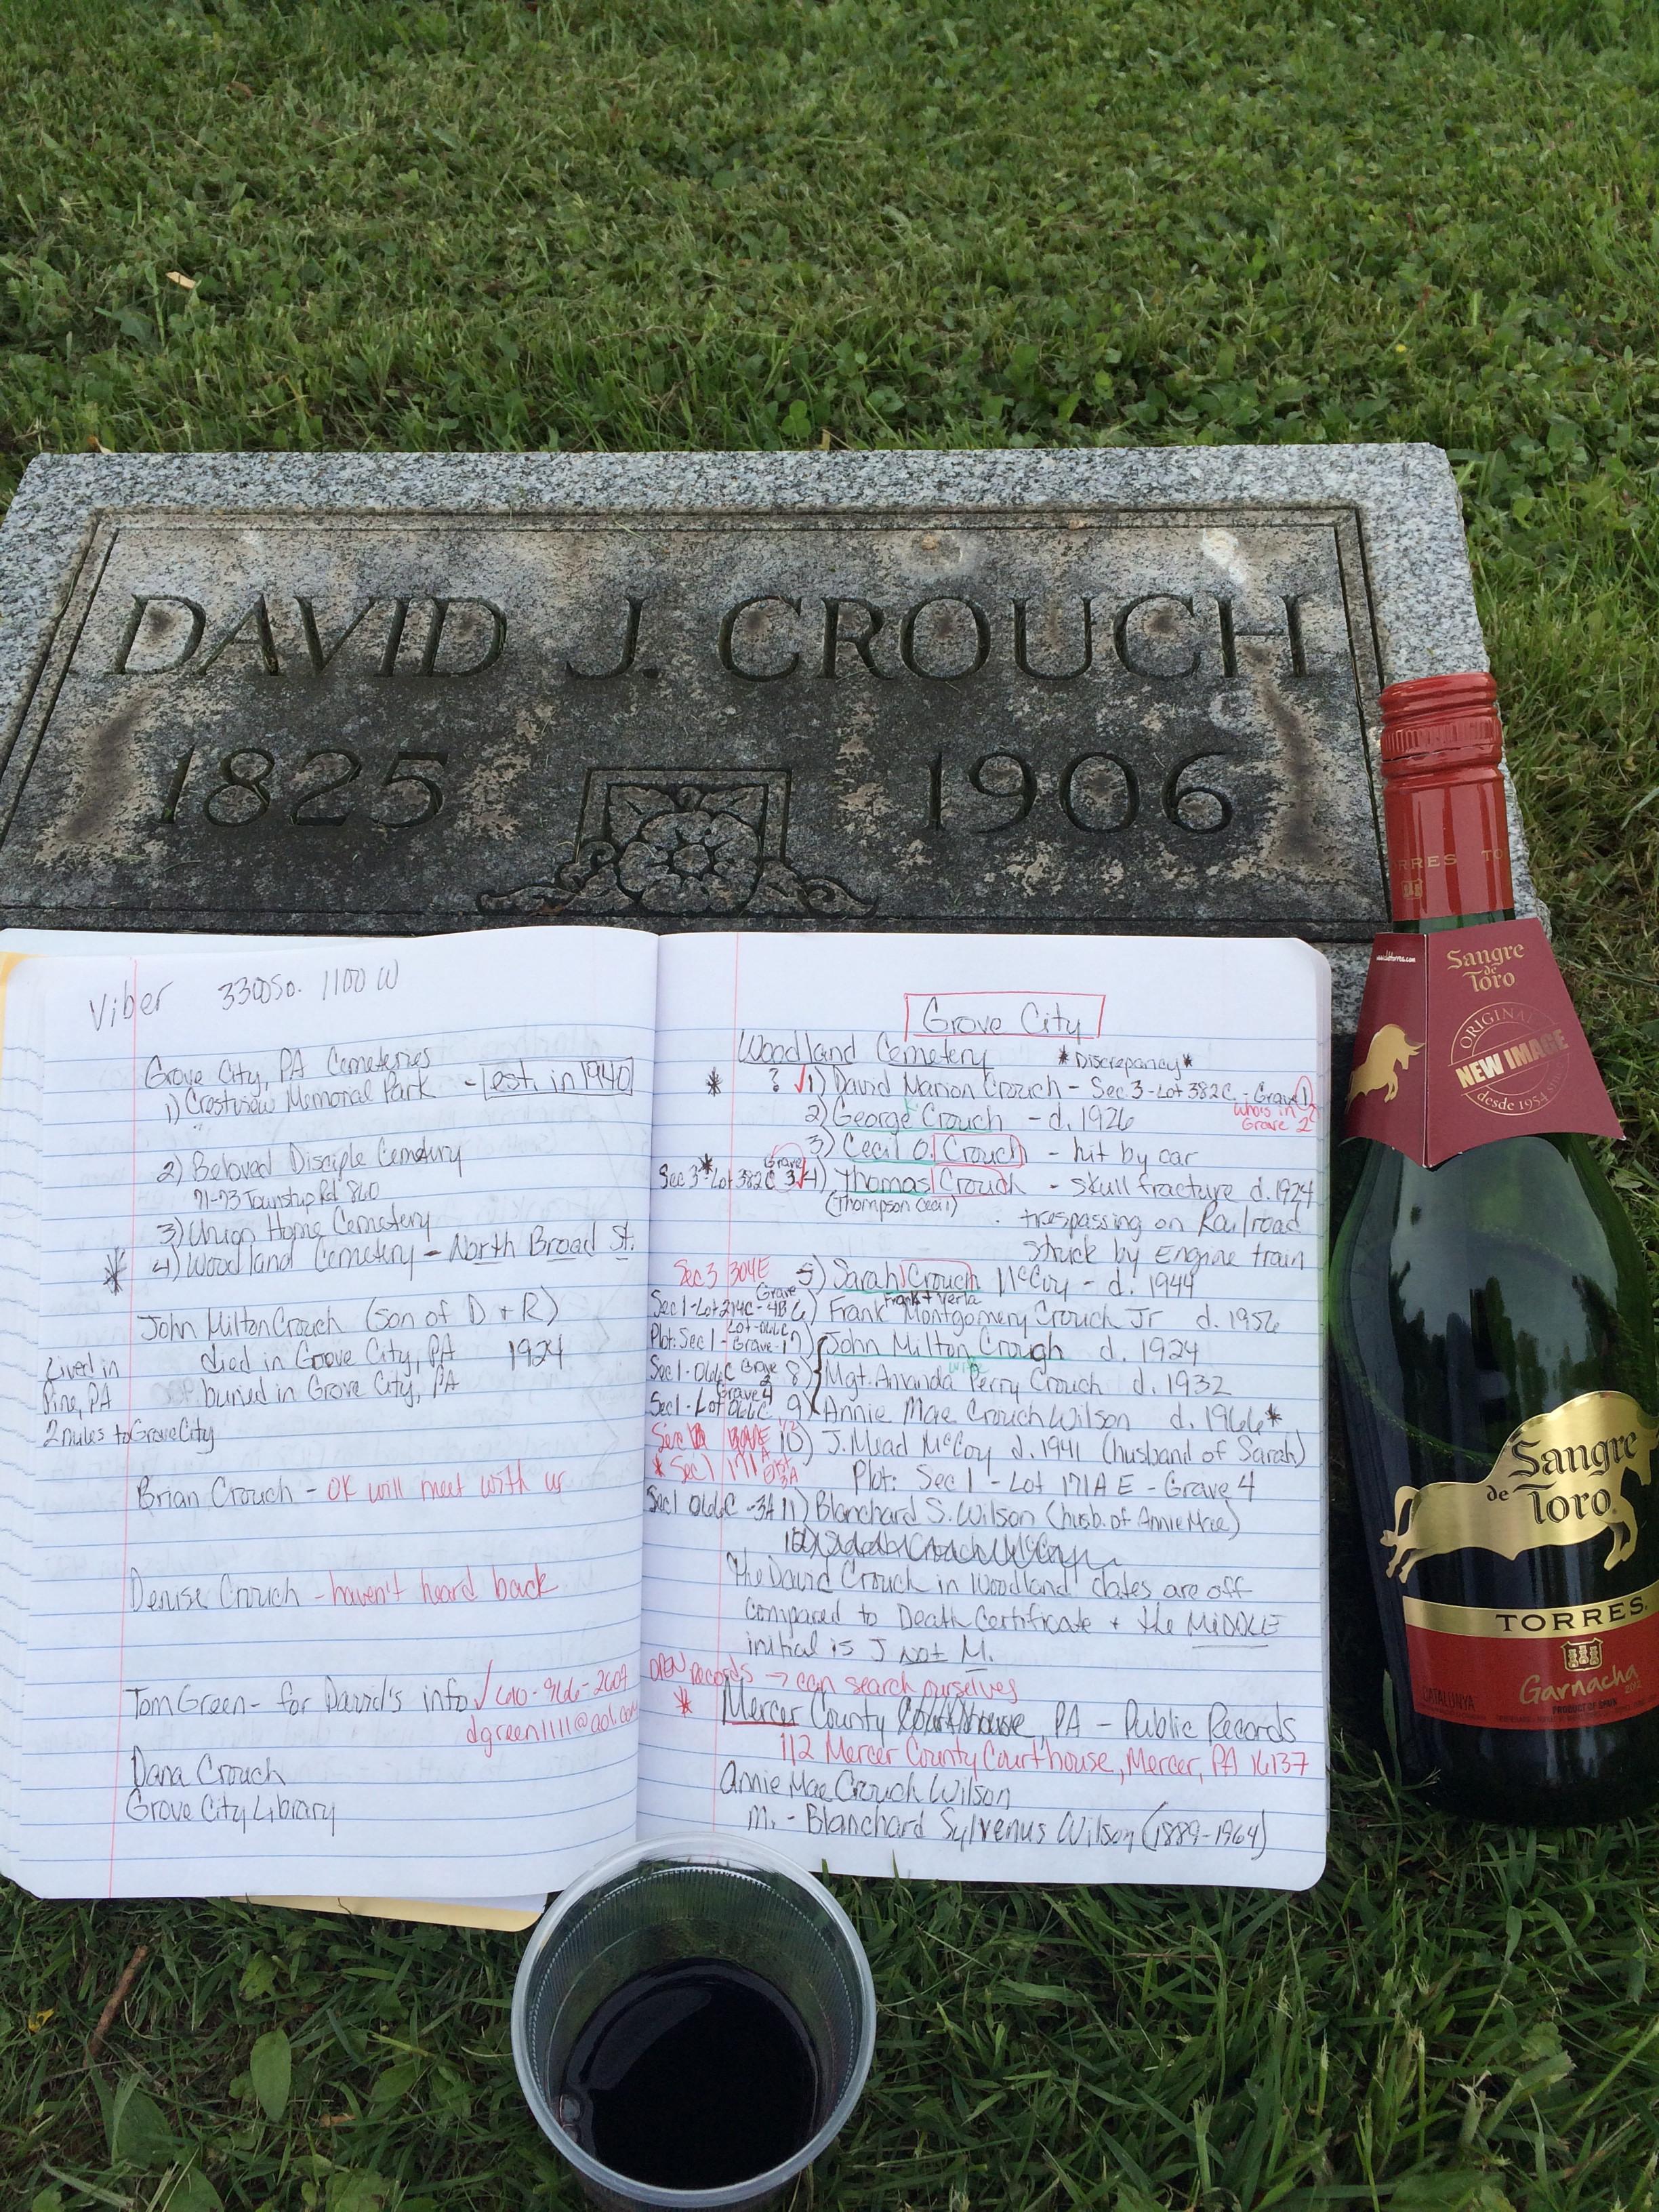 Darius Crouch